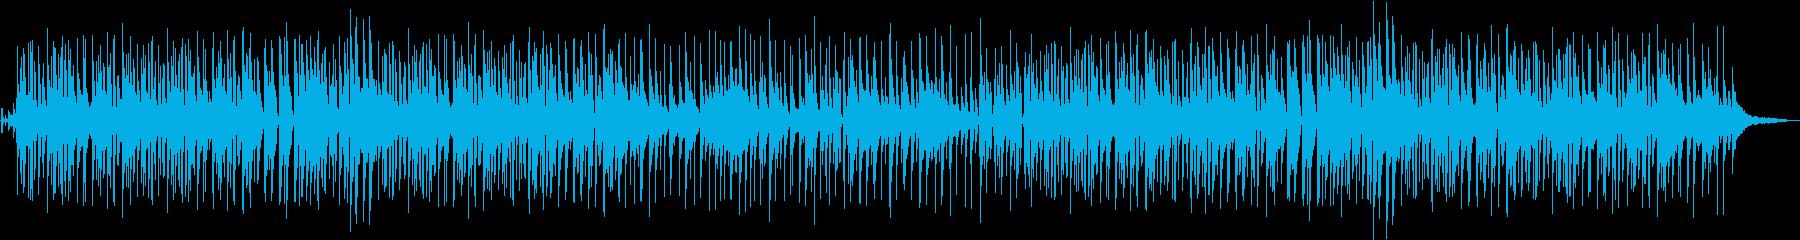 のんびりした印象のジャズトリオの再生済みの波形